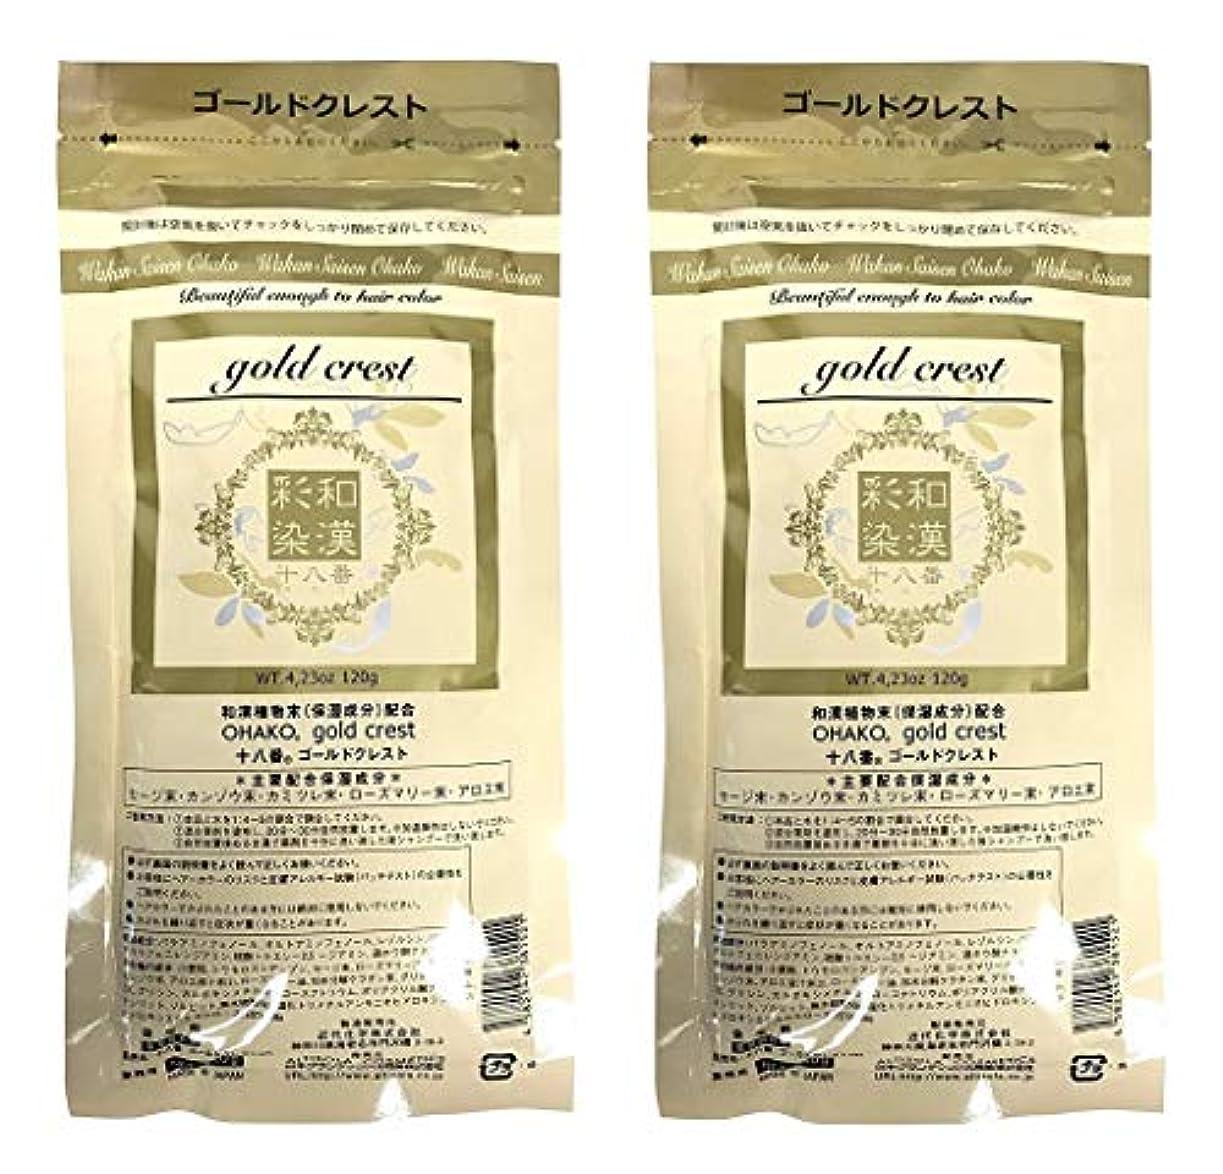 手配するヘビーかる【2個セット】グランデックス 和漢彩染 十八番 120g ゴールドクレスト